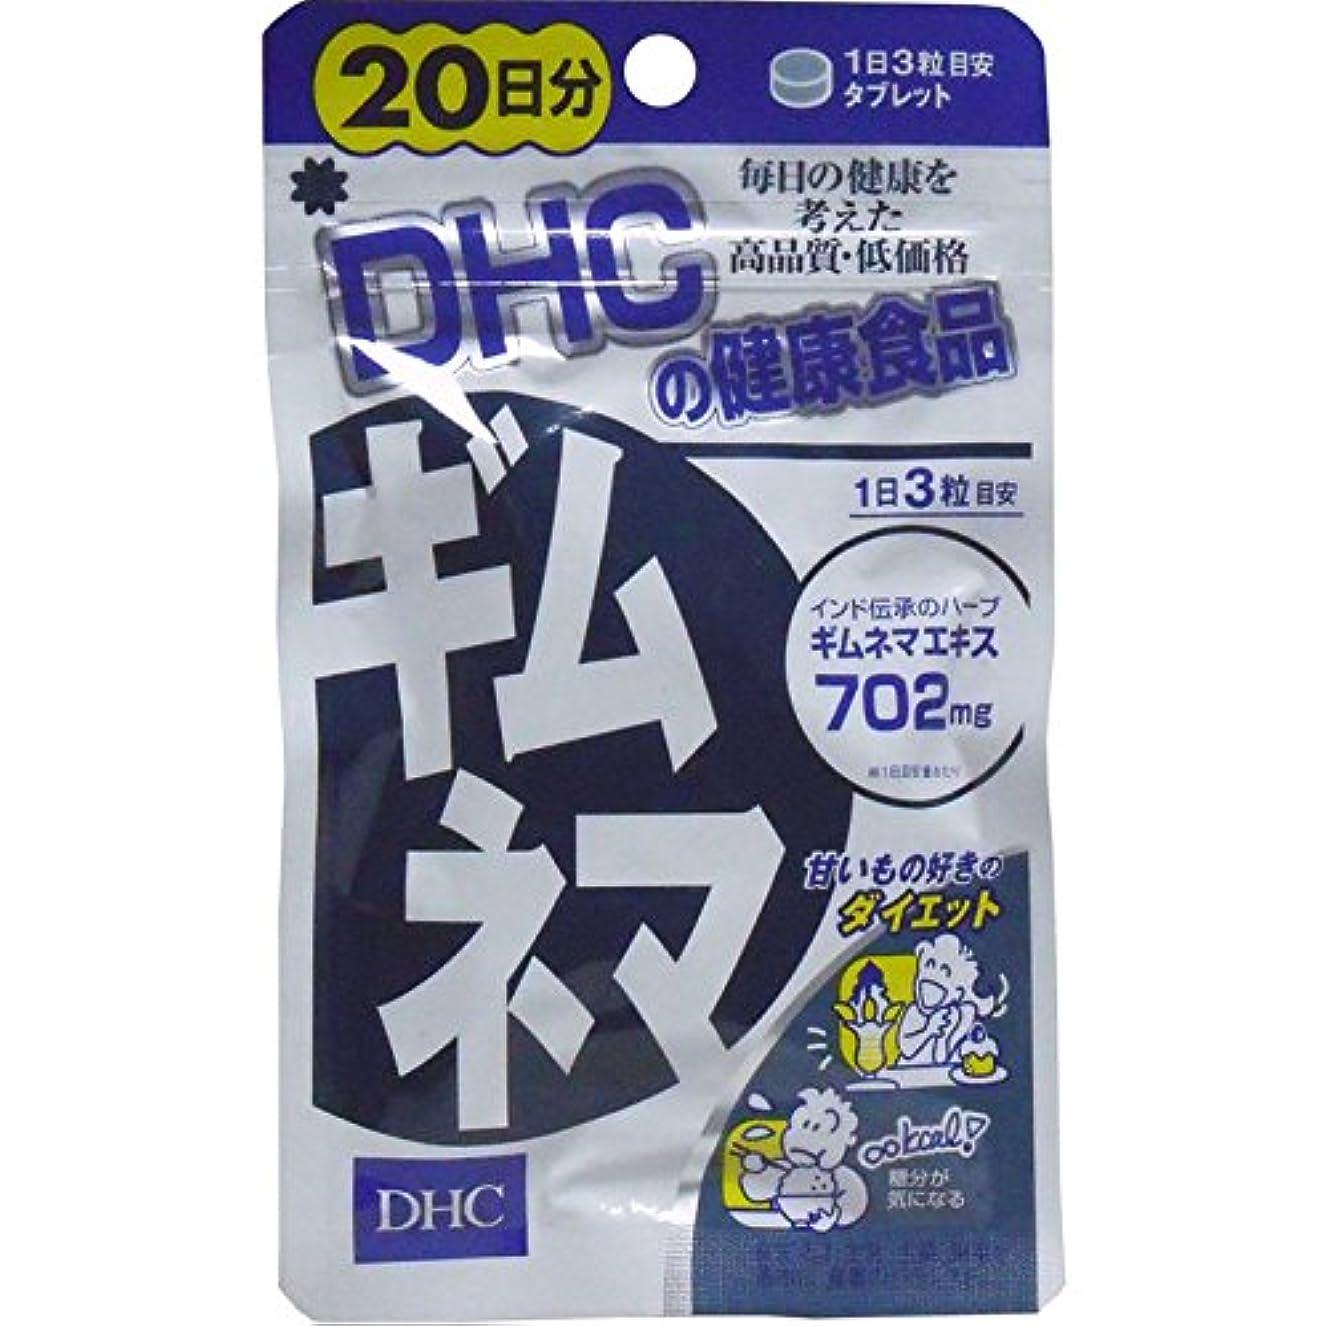 東インシュレータ債権者我慢せずに余分な糖分をブロック DHC ギムネマ 20日分 60粒